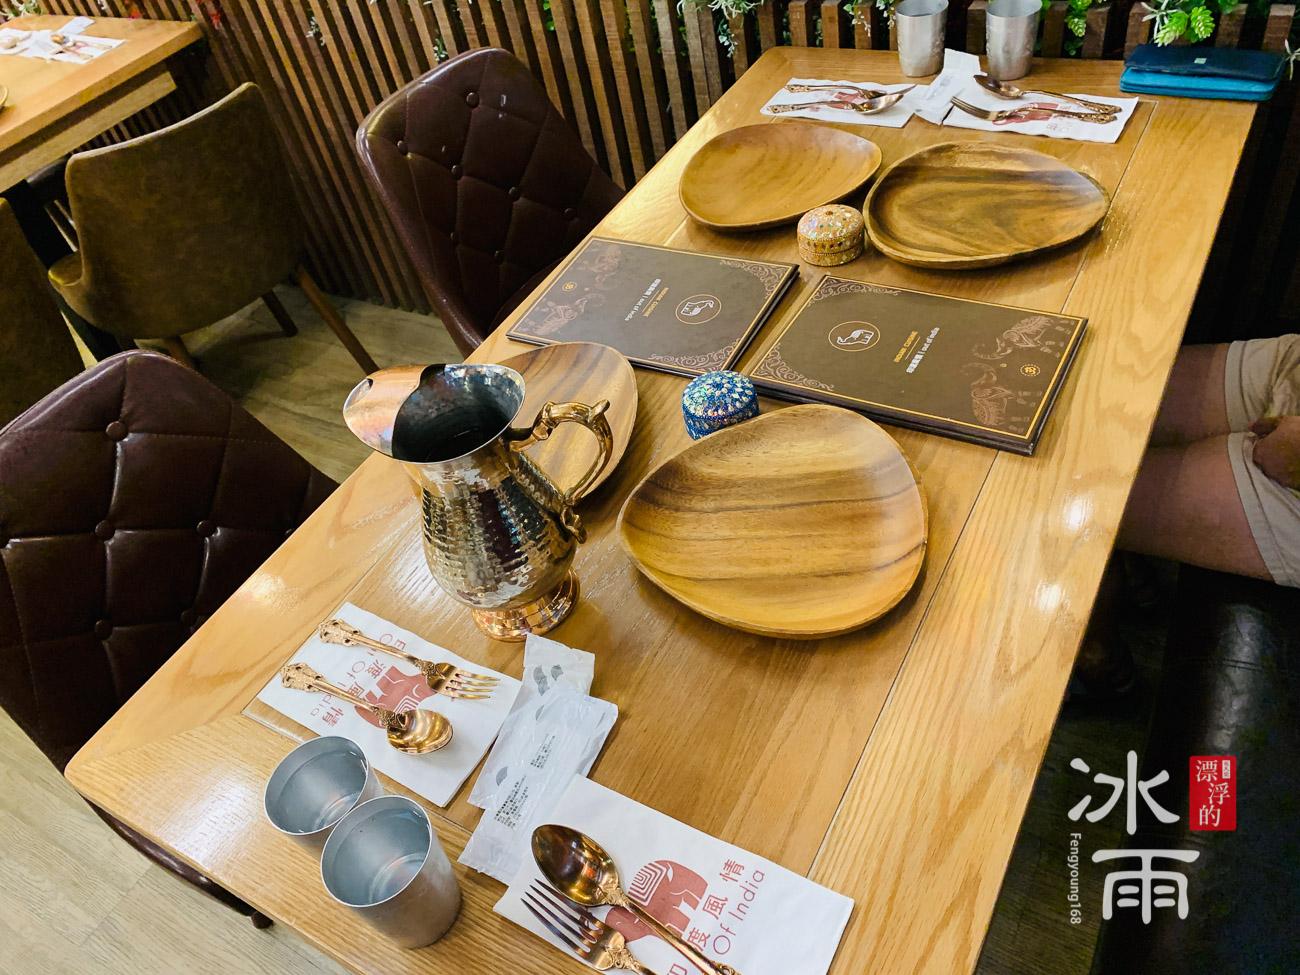 印渡風情|印度料理餐廳|餐桌一景